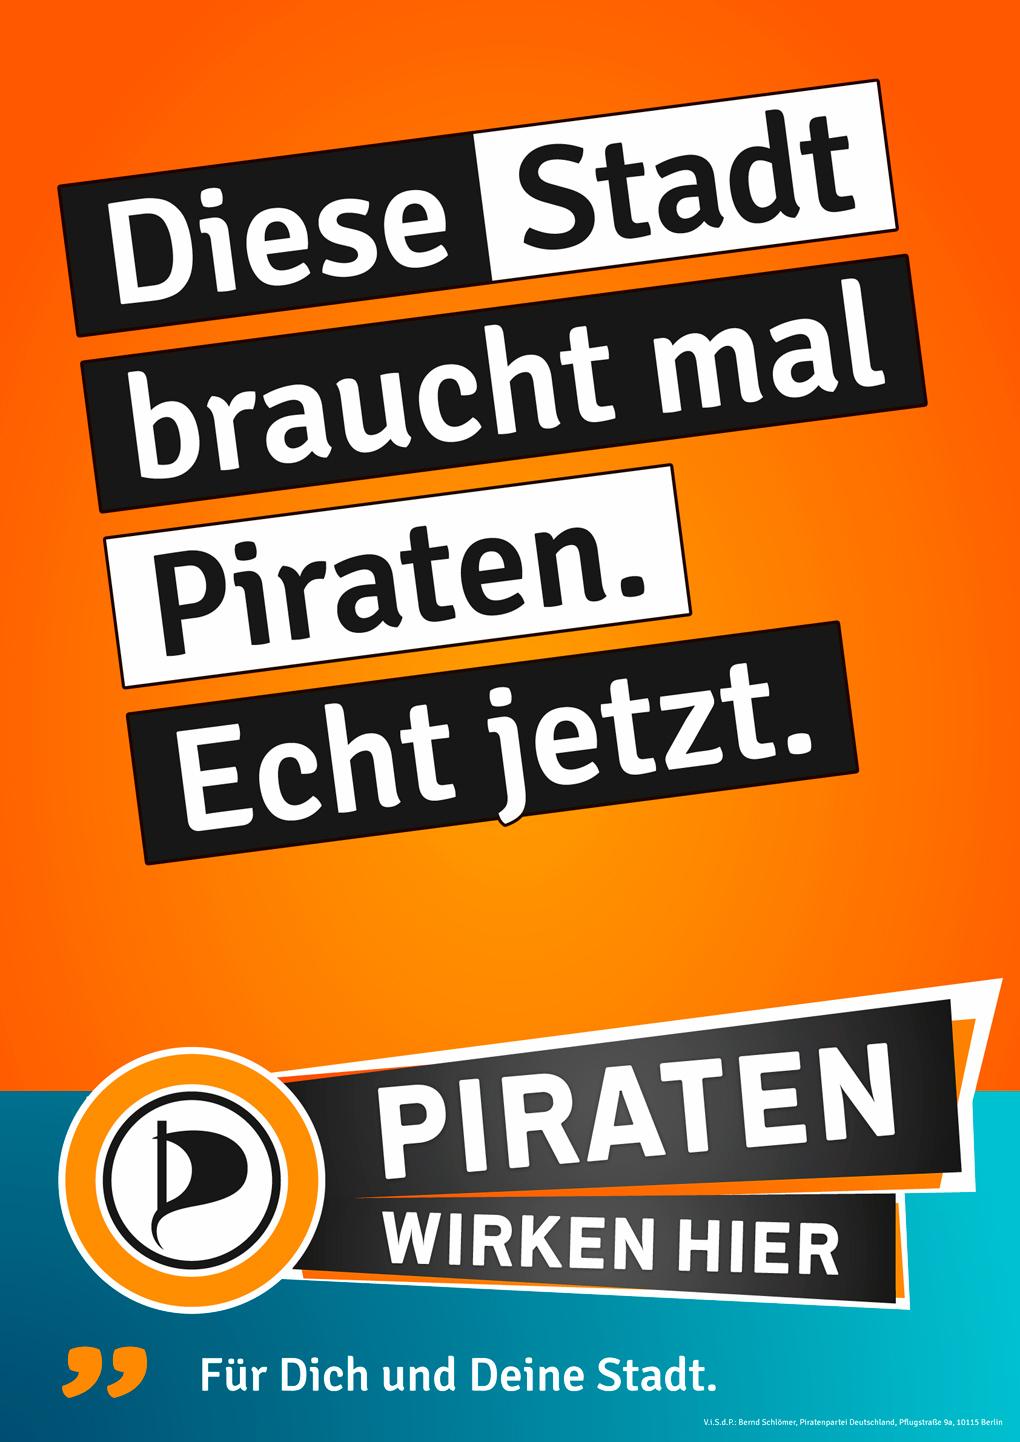 Die Piraten möchten am 25. Mai in den Stadtrat gewählt werden.